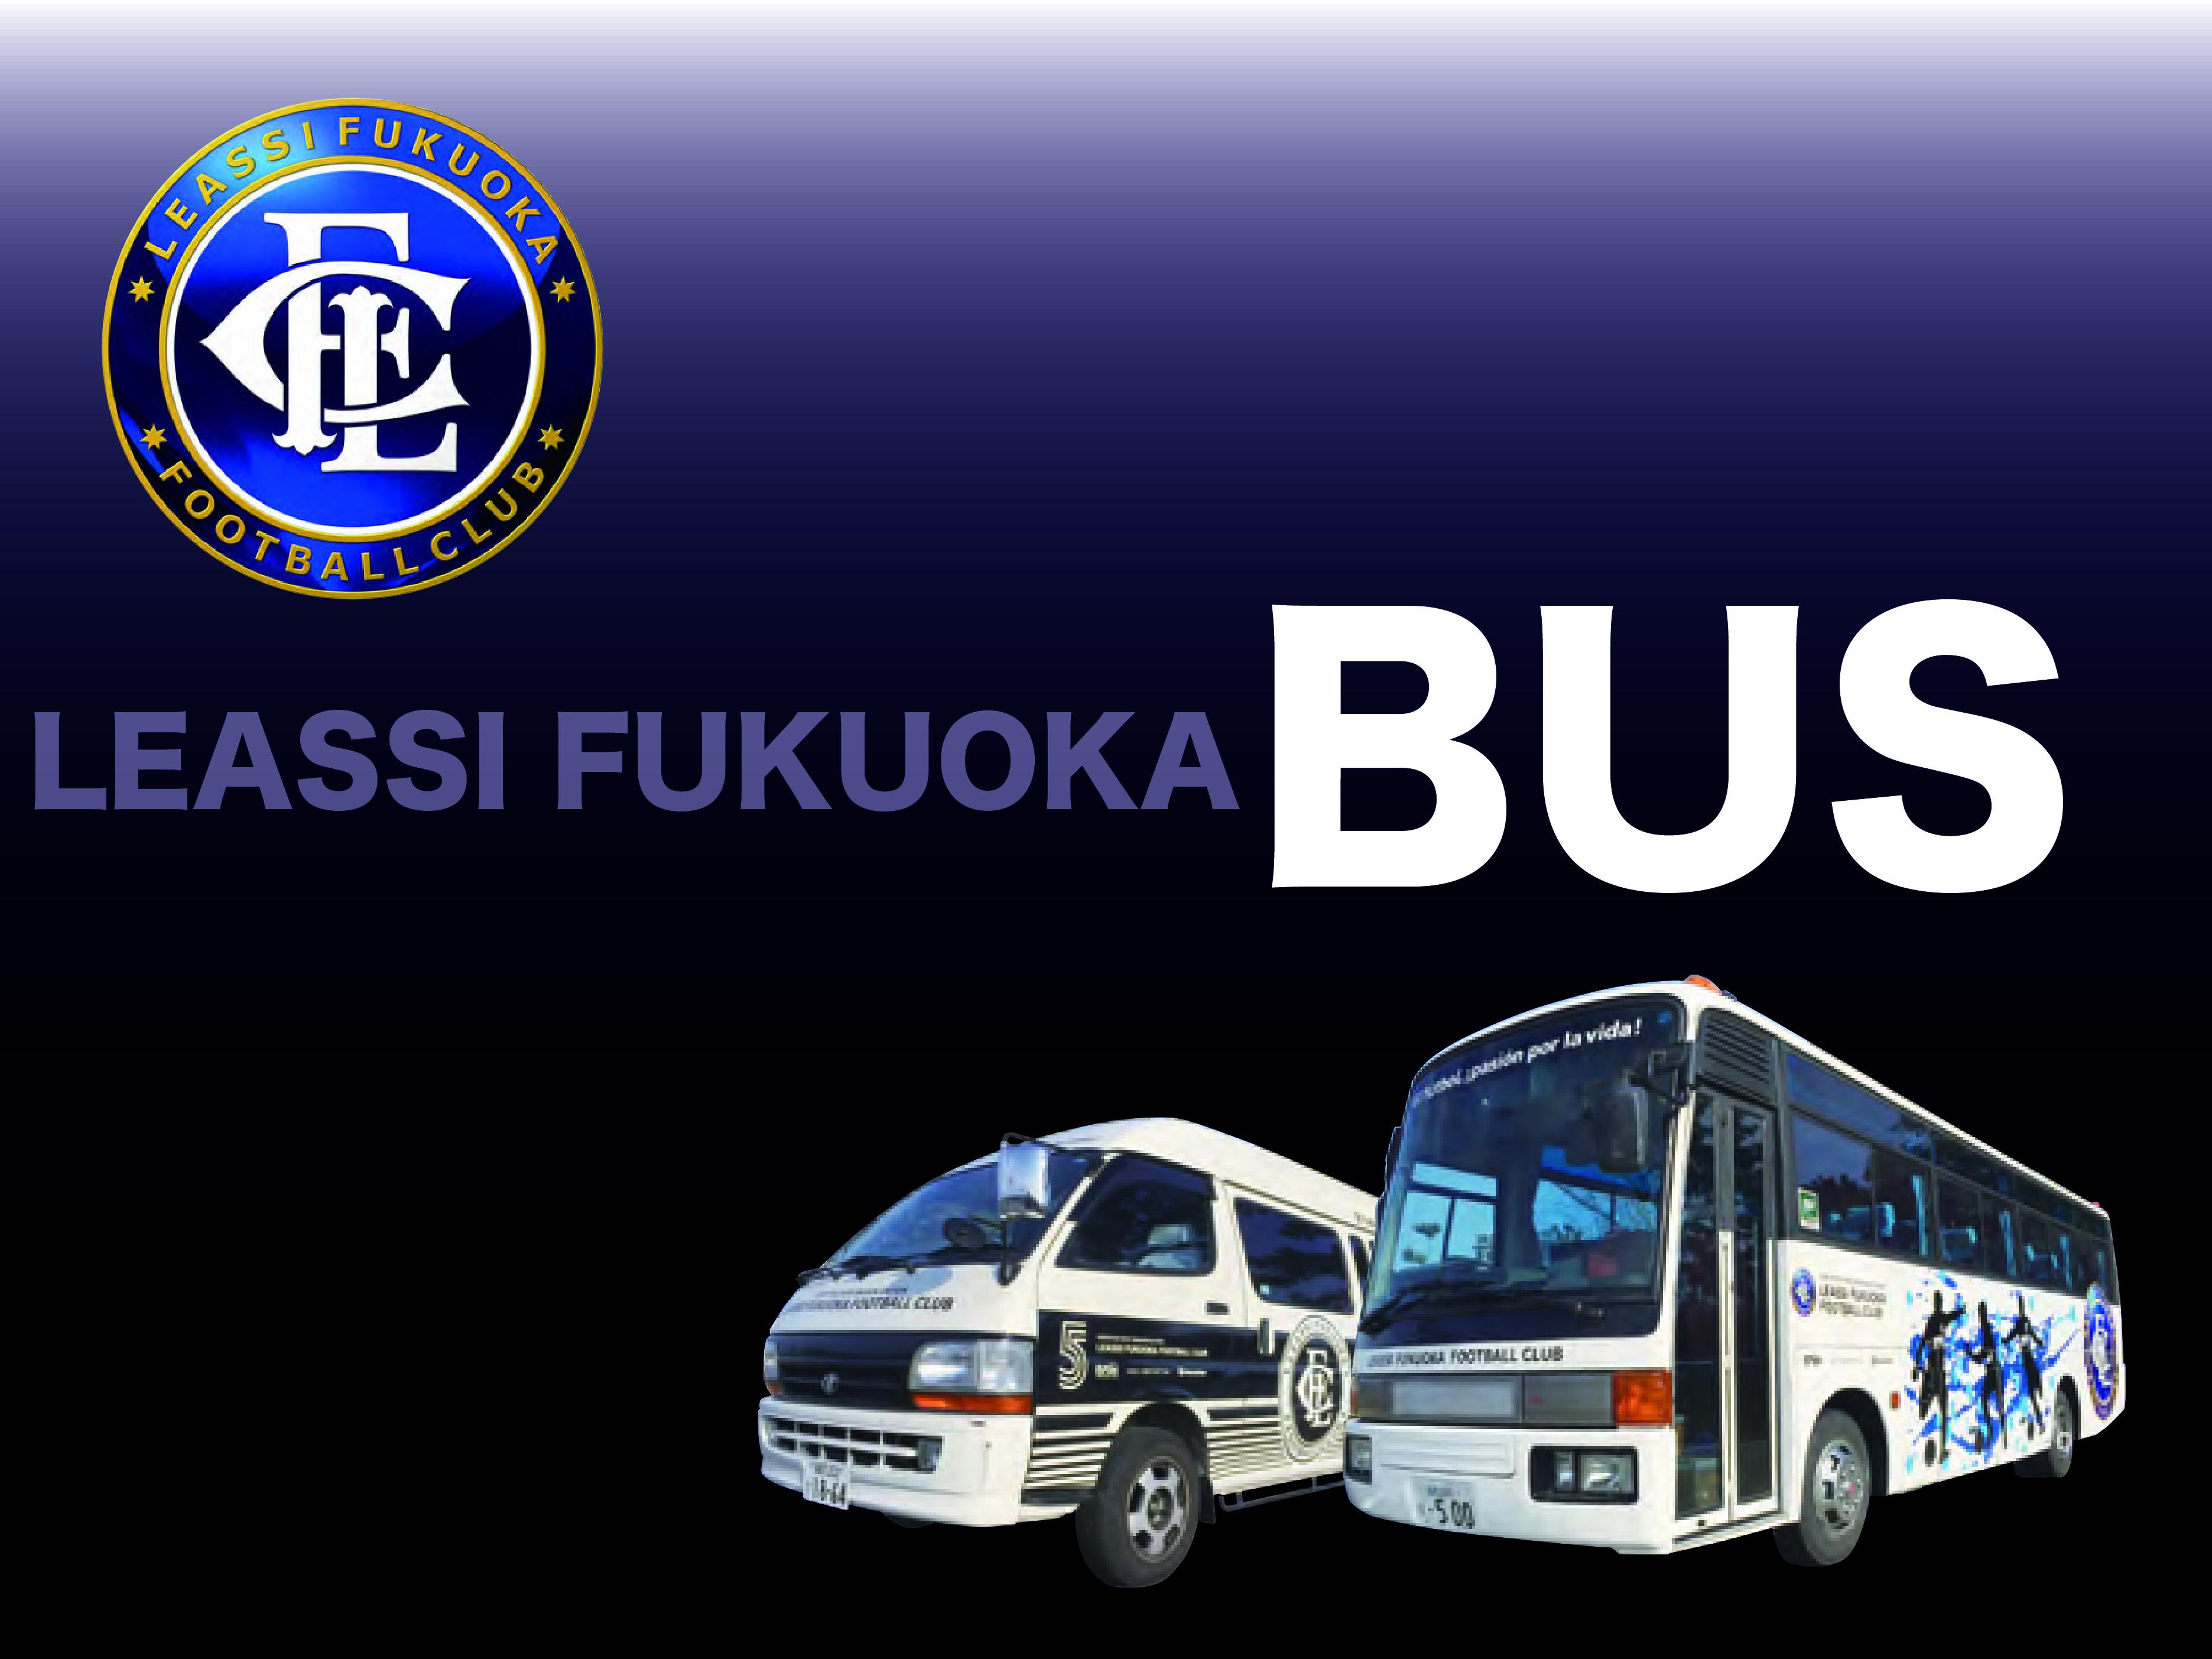 レアッシ福岡サッカースクールが選ばれる理由①~送迎バス編~